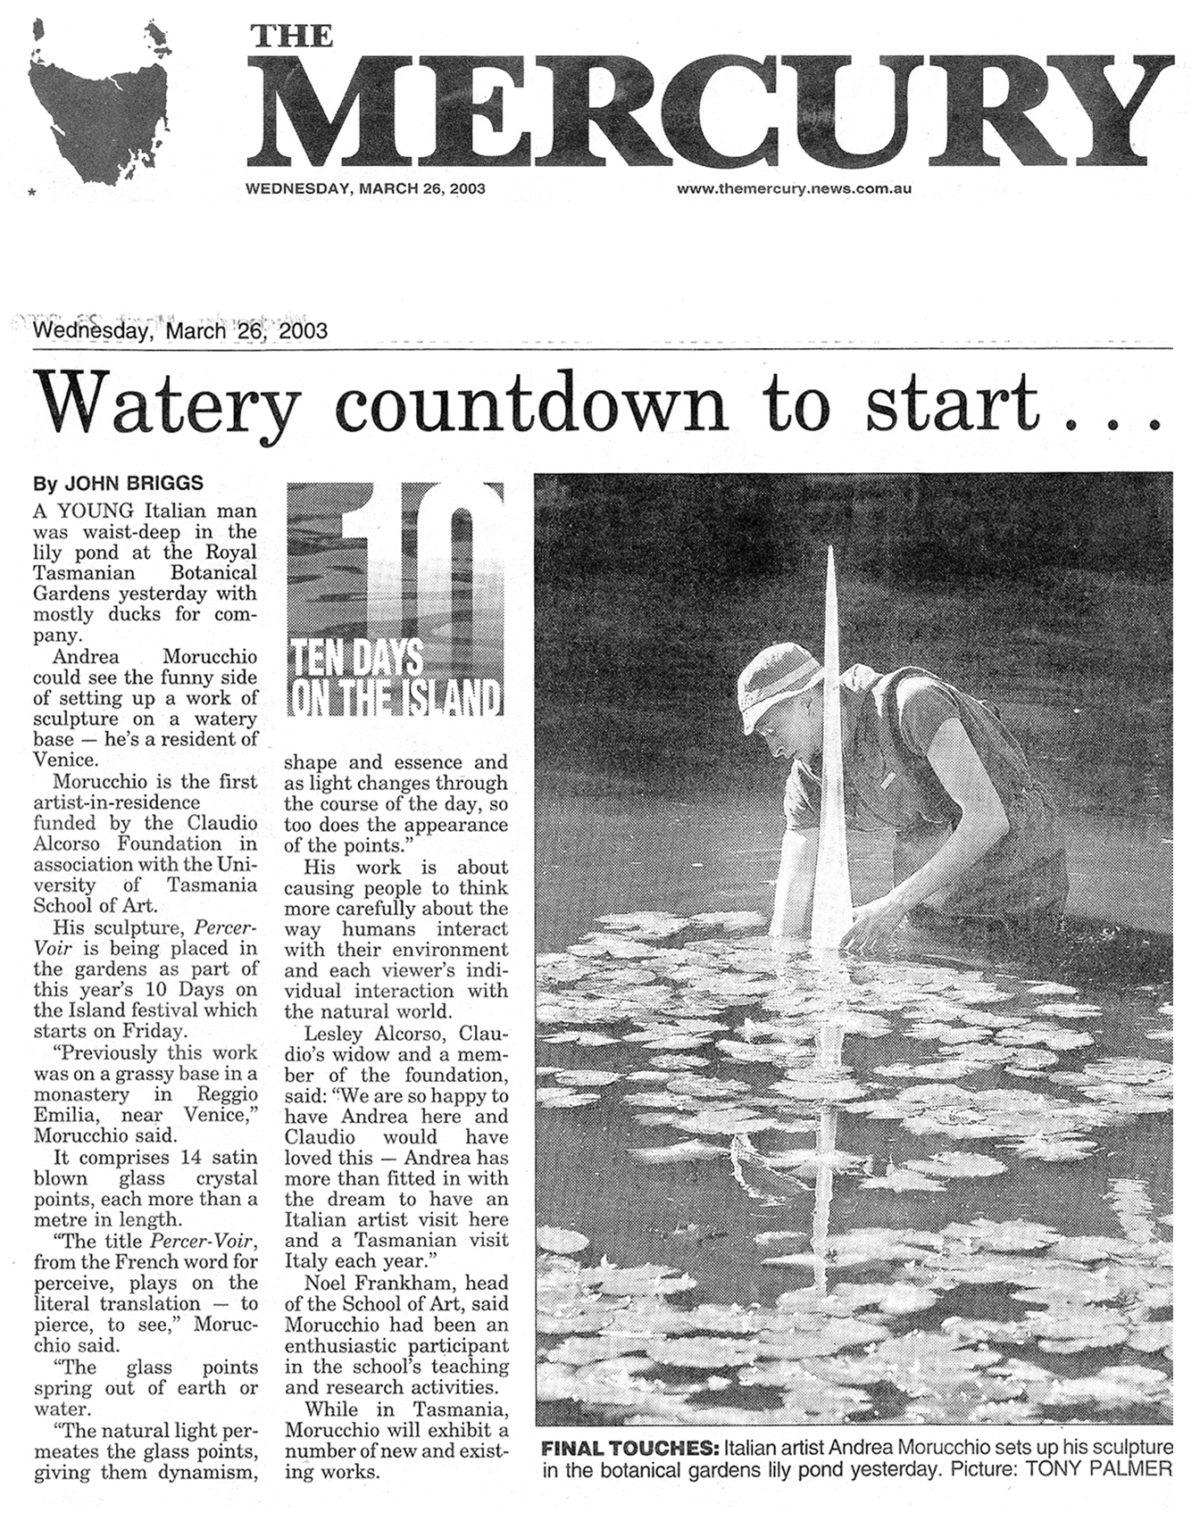 The Mercury | 26.03.2003